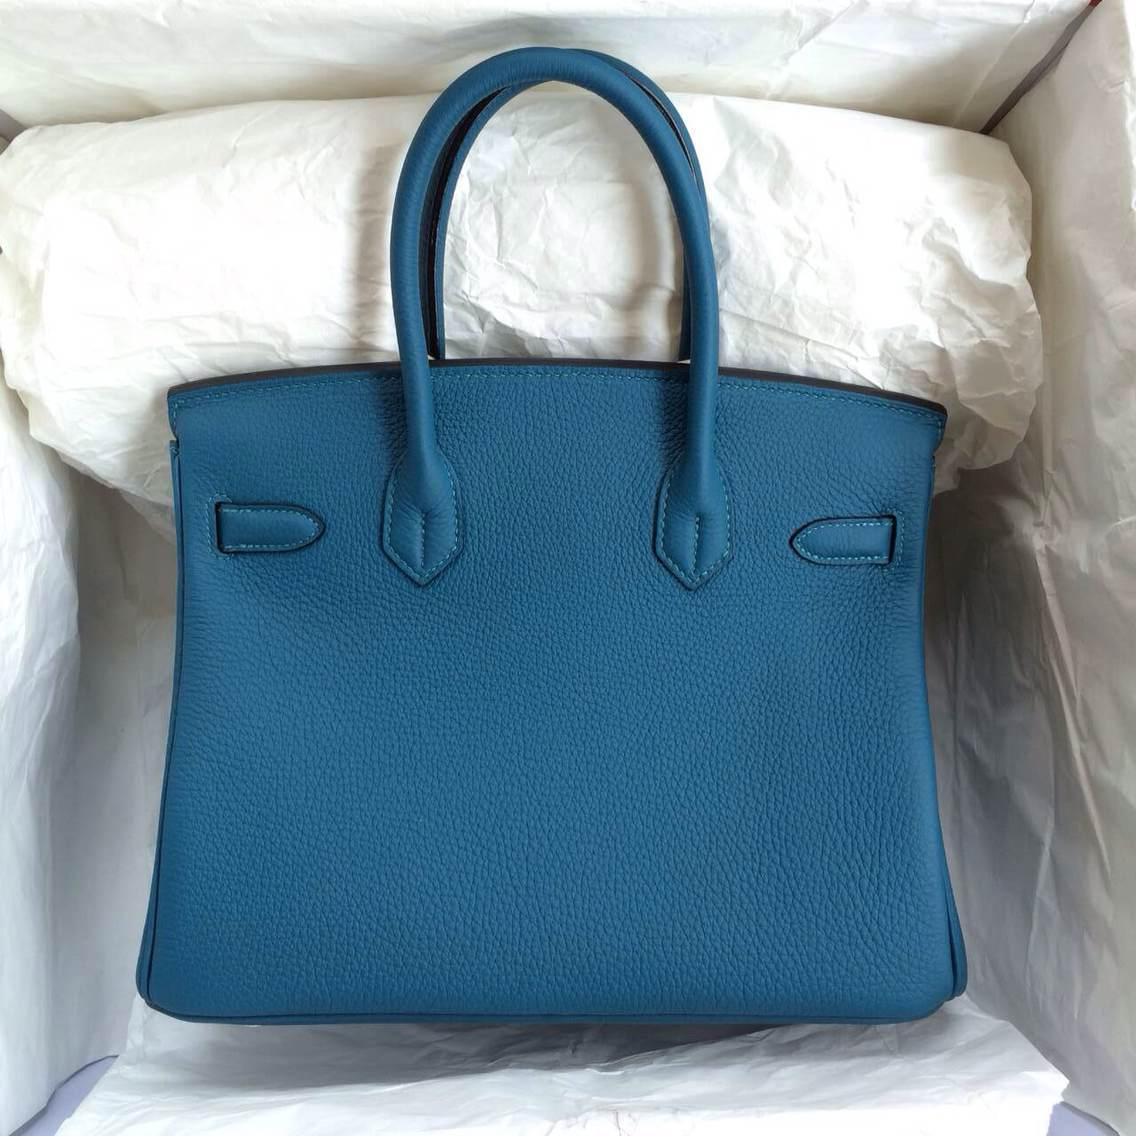 Hermes Birkin Bag 30cm S7 Blue De Galice France Togo Leather Silver Hardware